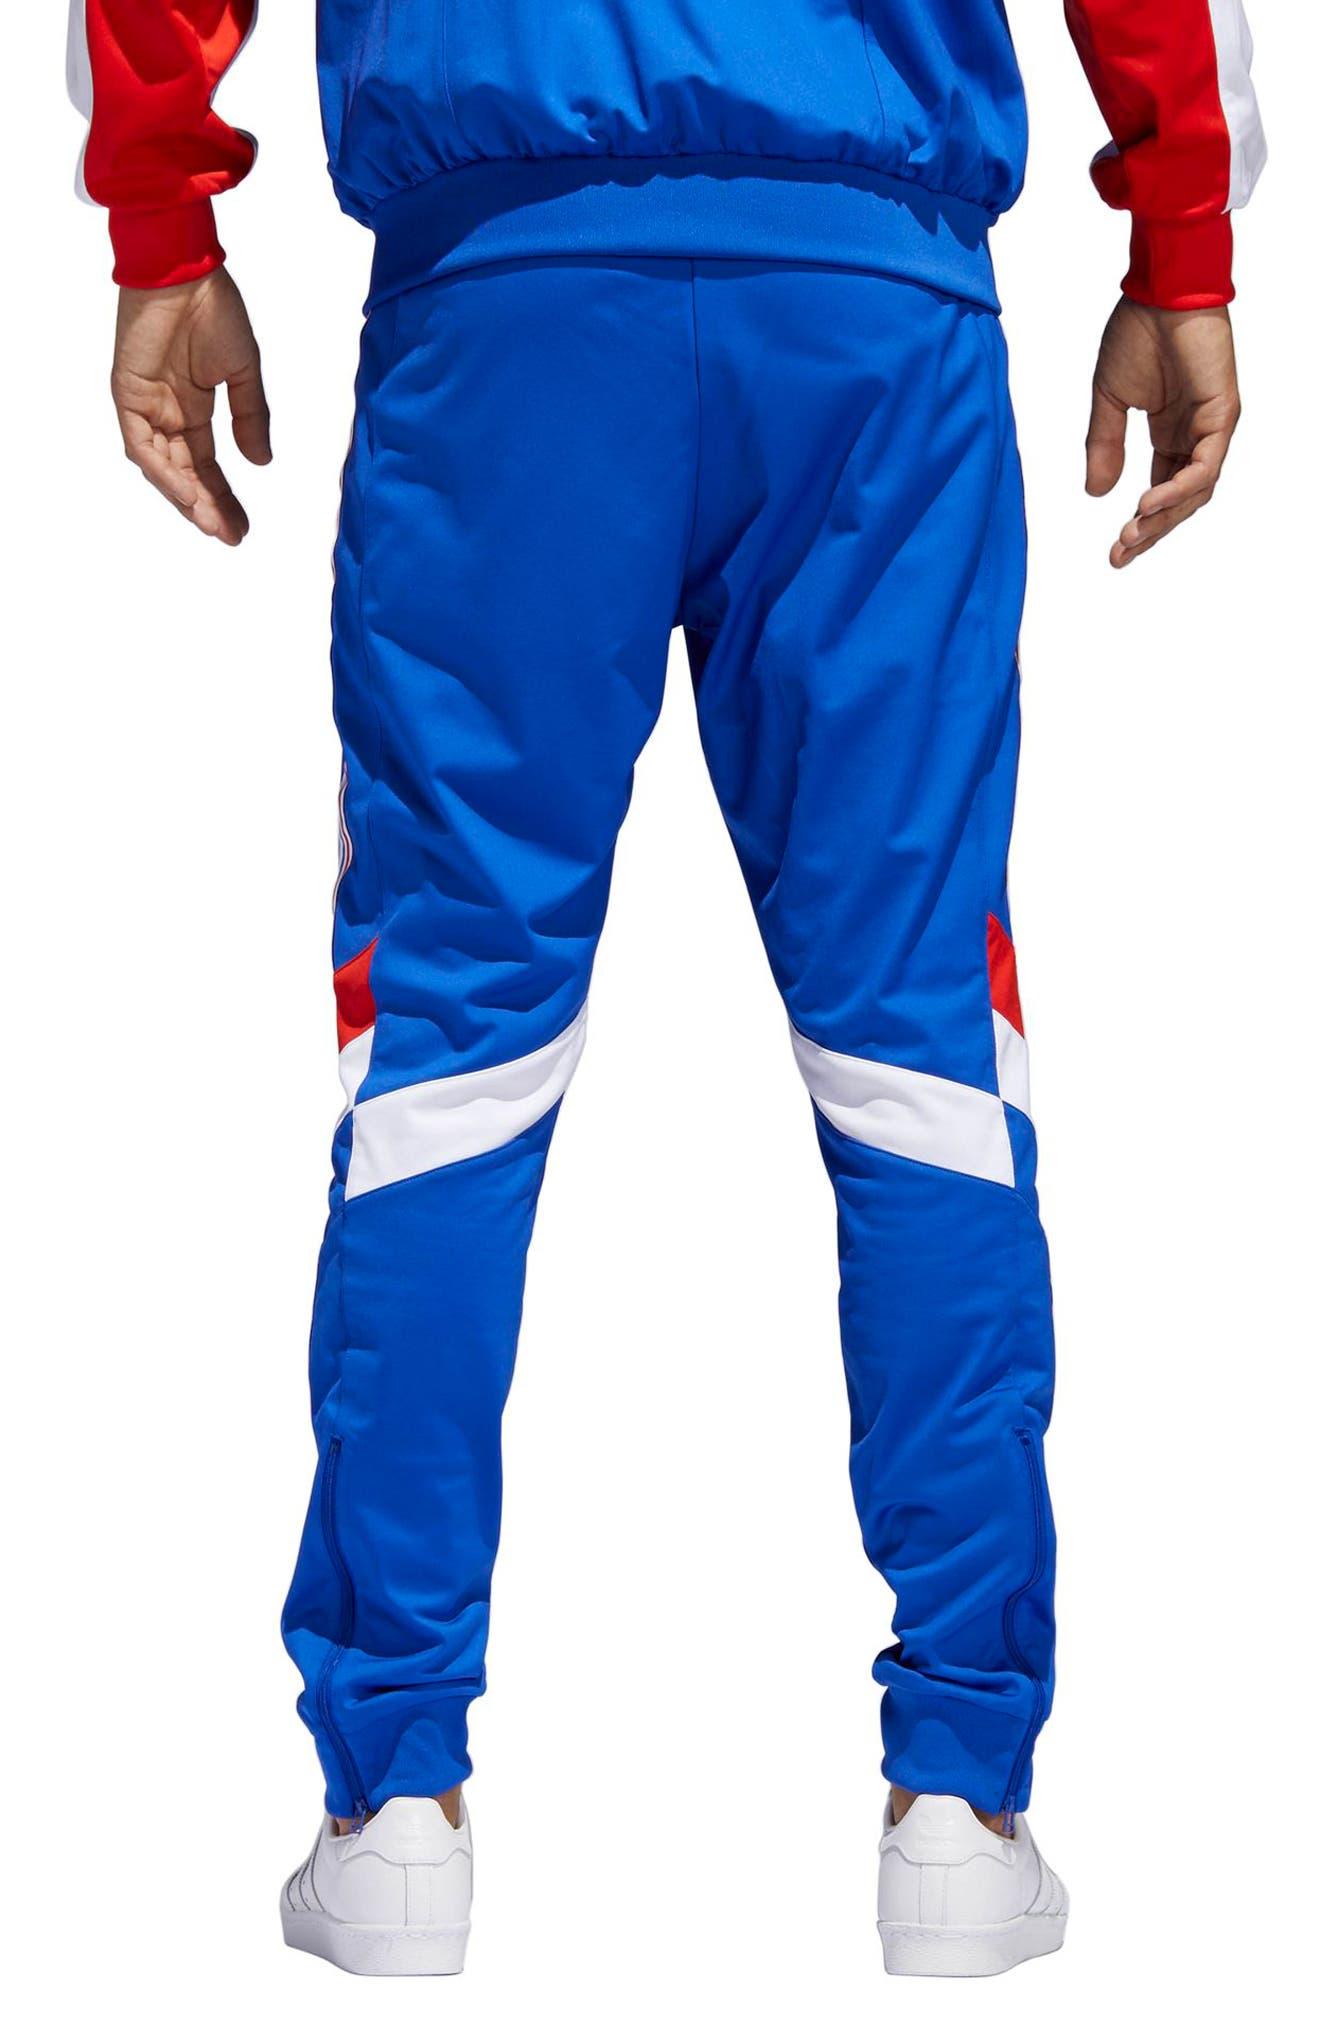 Aloxe Slim Track Pants,                             Alternate thumbnail 2, color,                             Bold Blue/ White